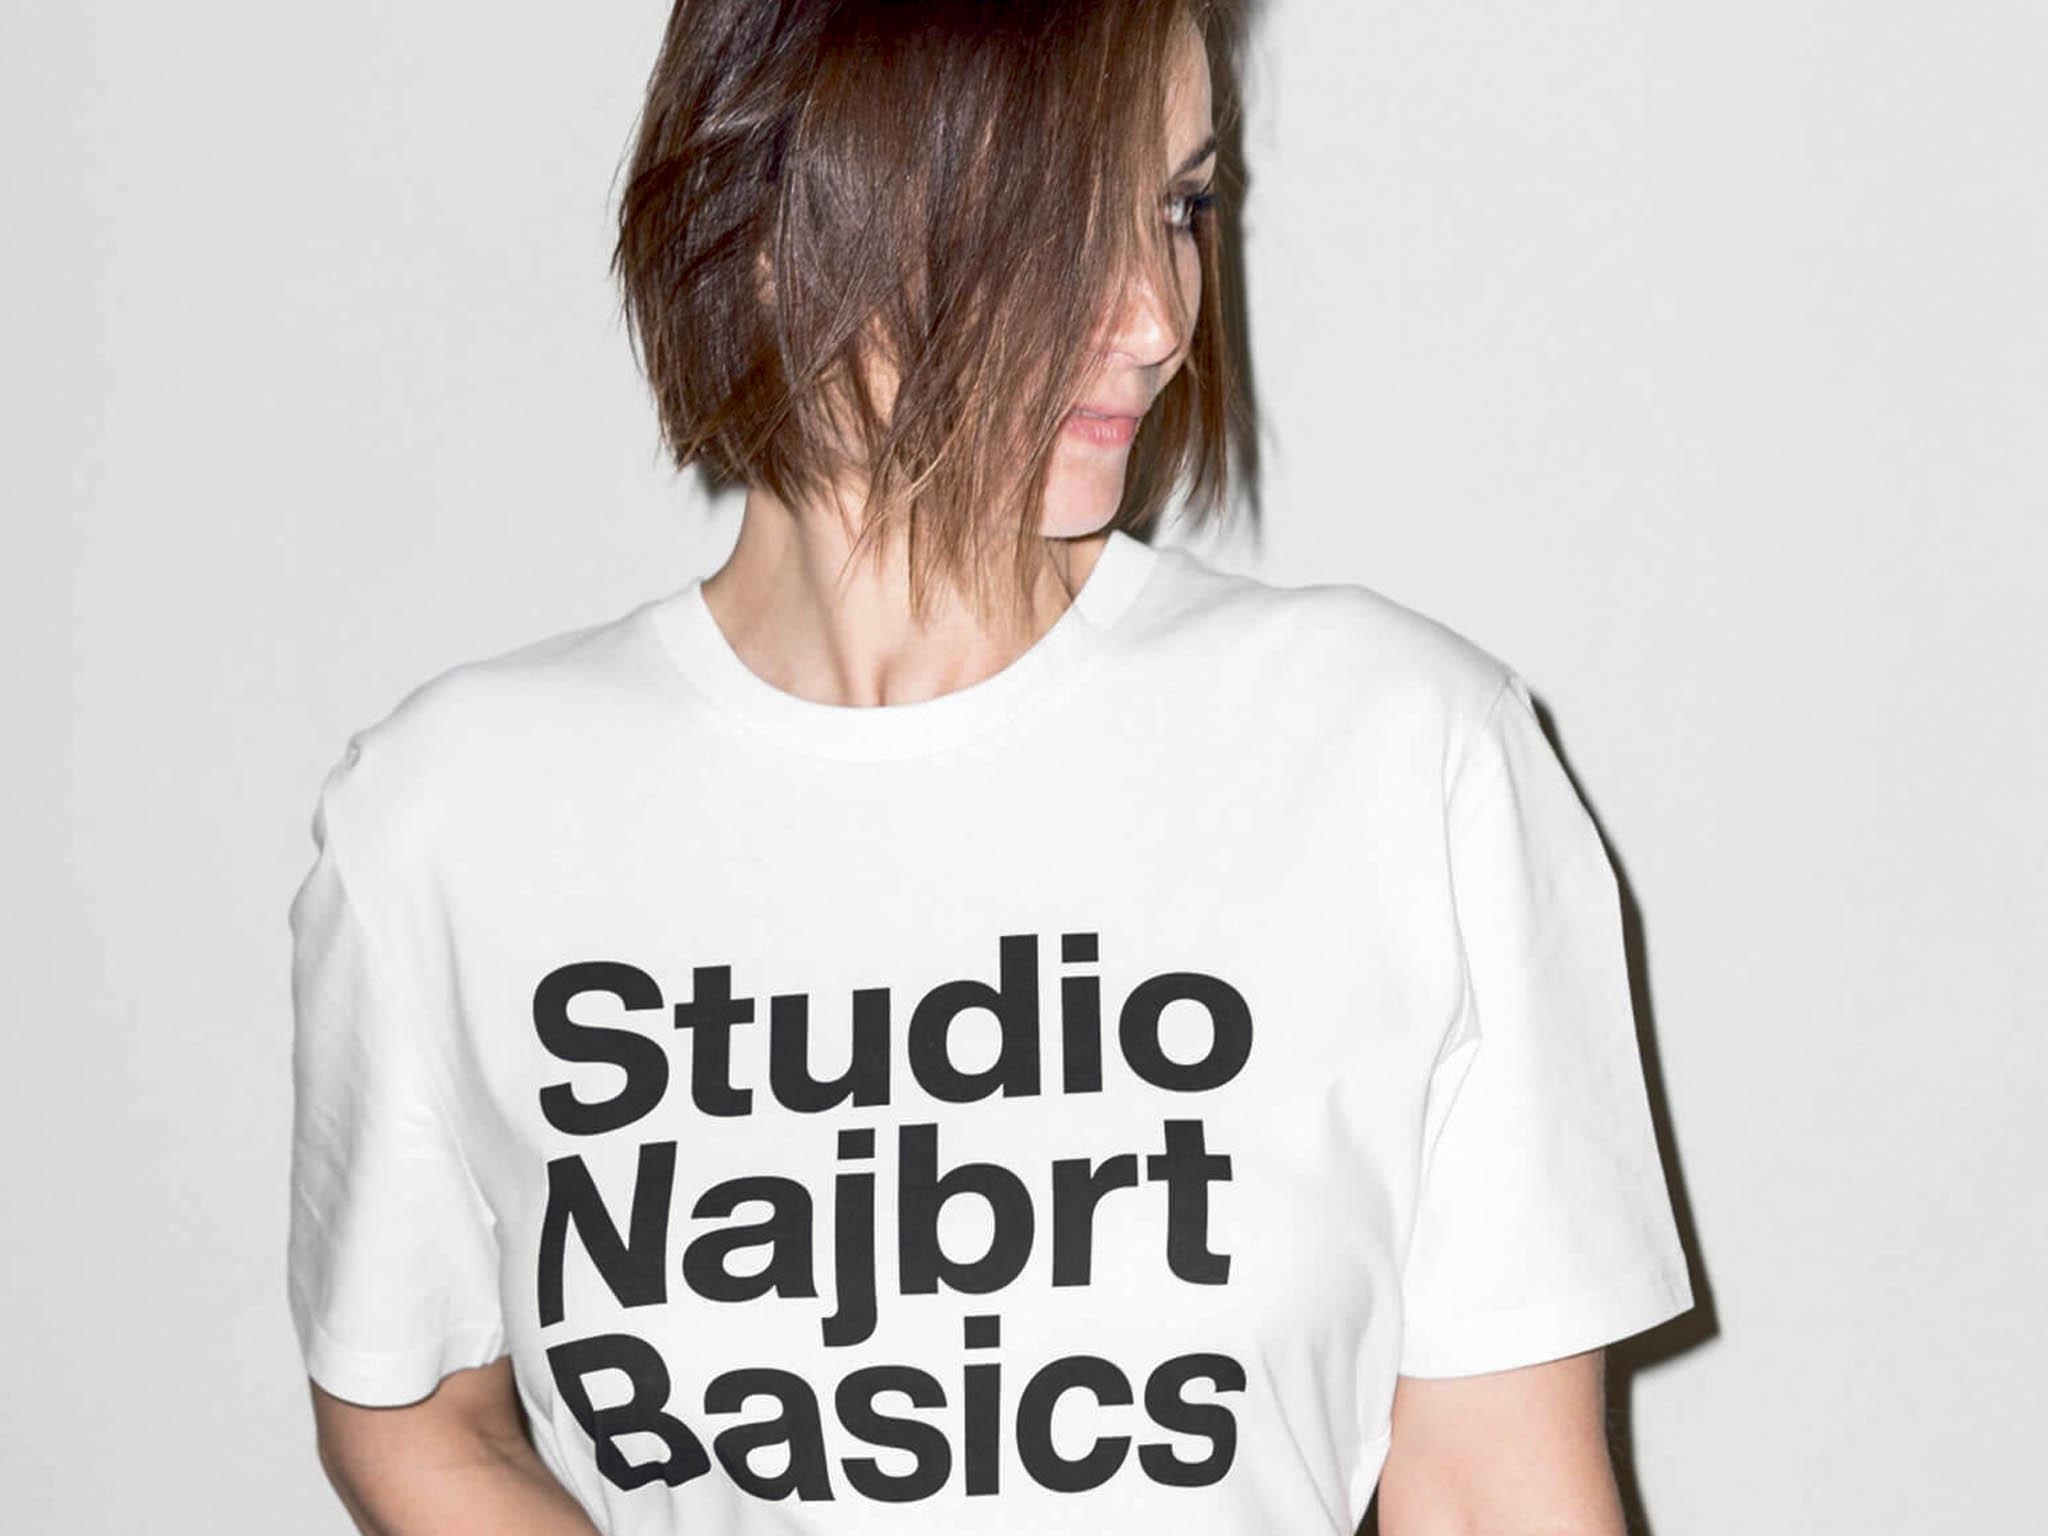 Tvorbu nejznámějšího českého grafického studia představuje výstava vPlzni netradičně– nabílých tričkách.